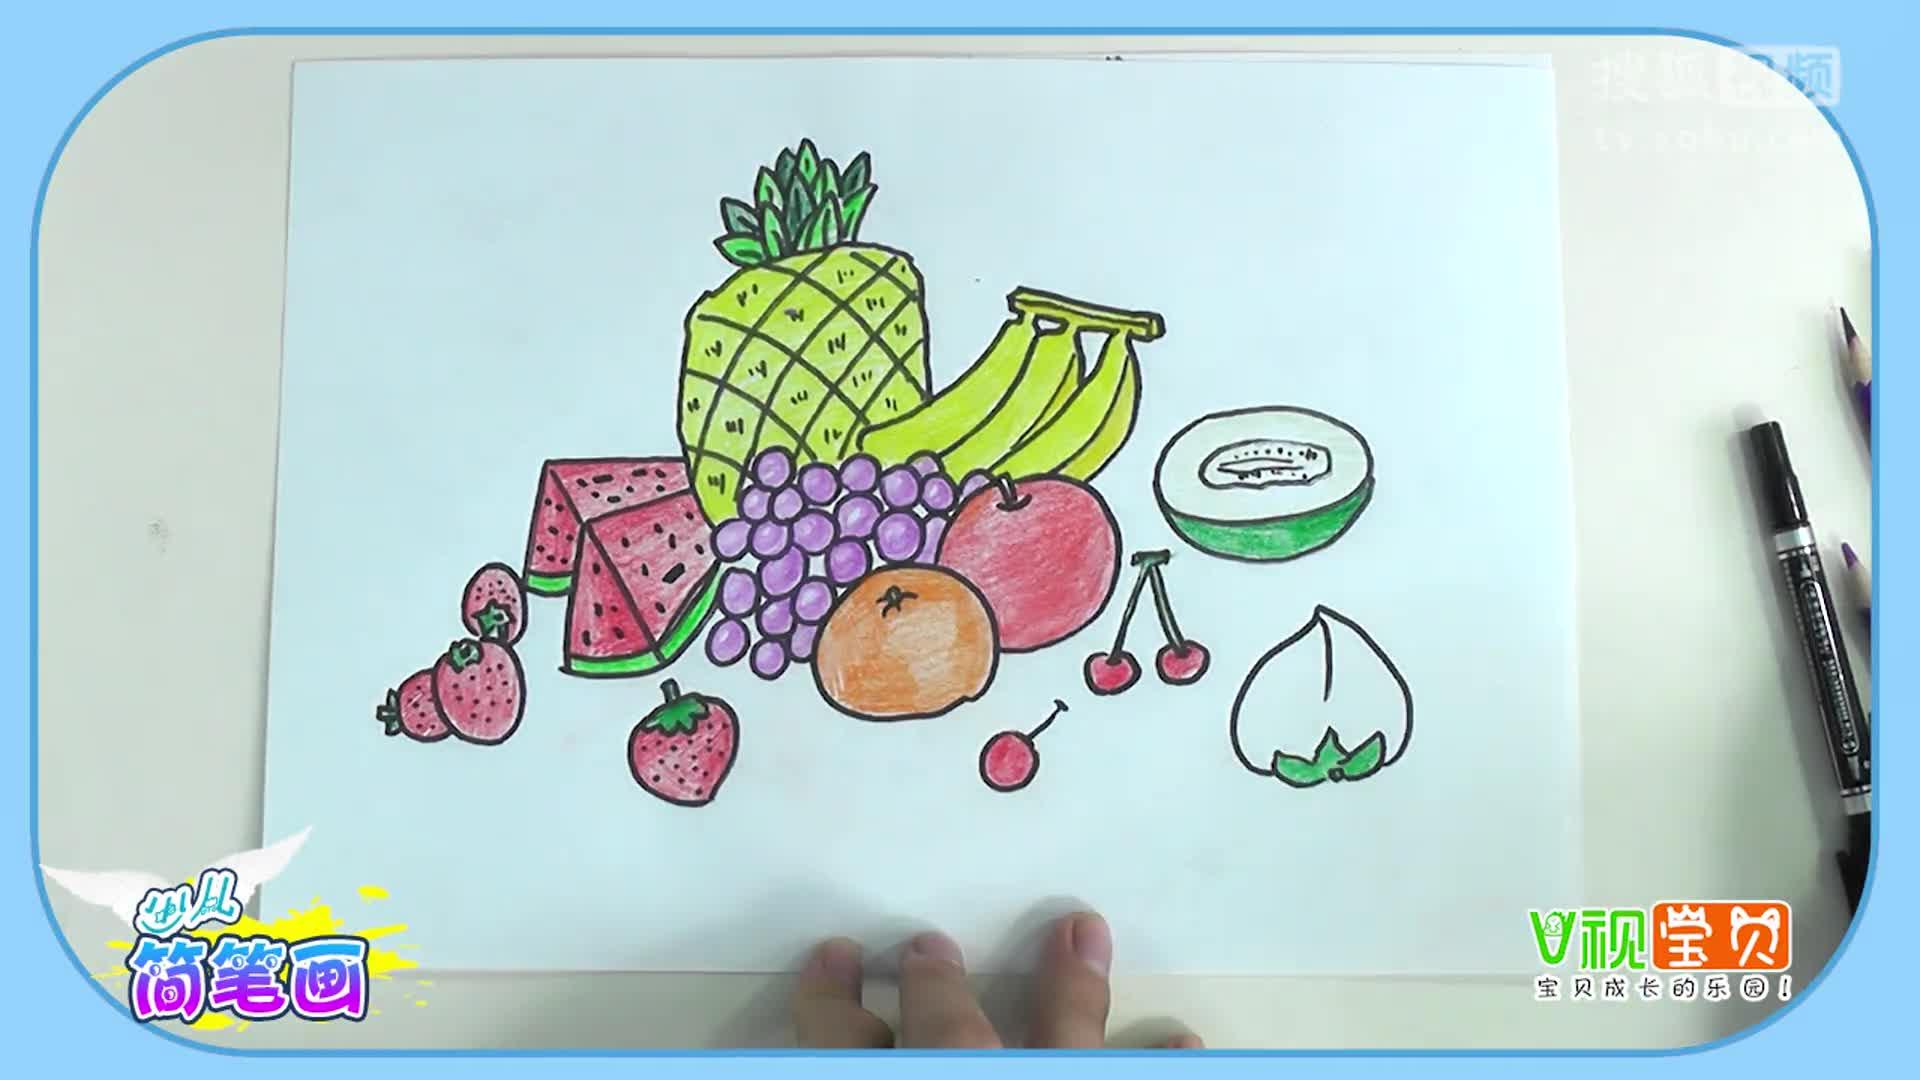 好多水果的简笔画都在这里了,快为宝宝收藏起来咯!